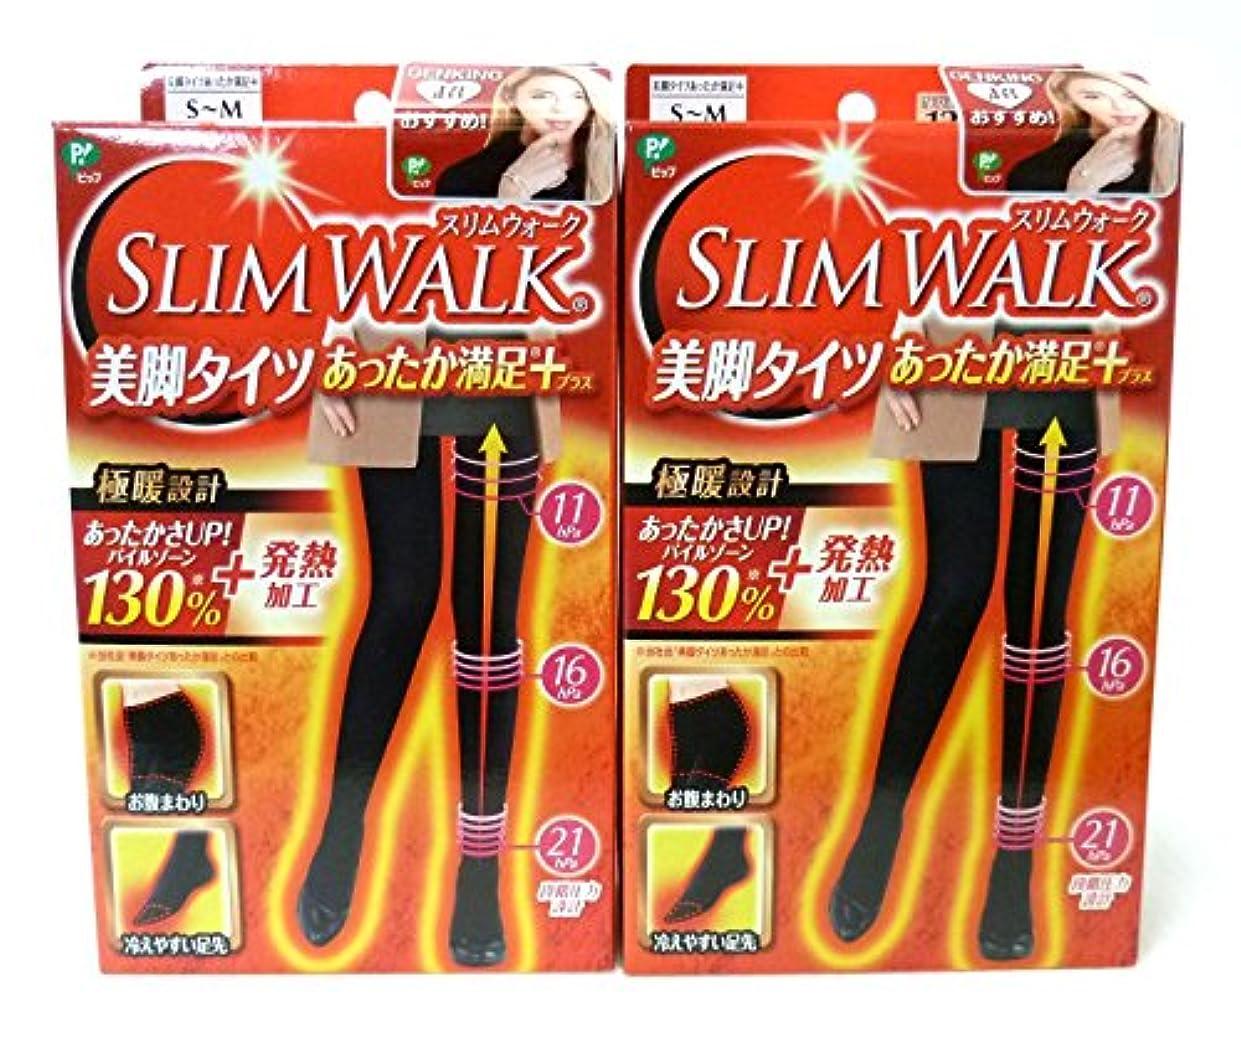 ずるいかんたん眠いですスリムウォーク 美脚タイツあったか満足プラス S-Mサイズ ブラック2個